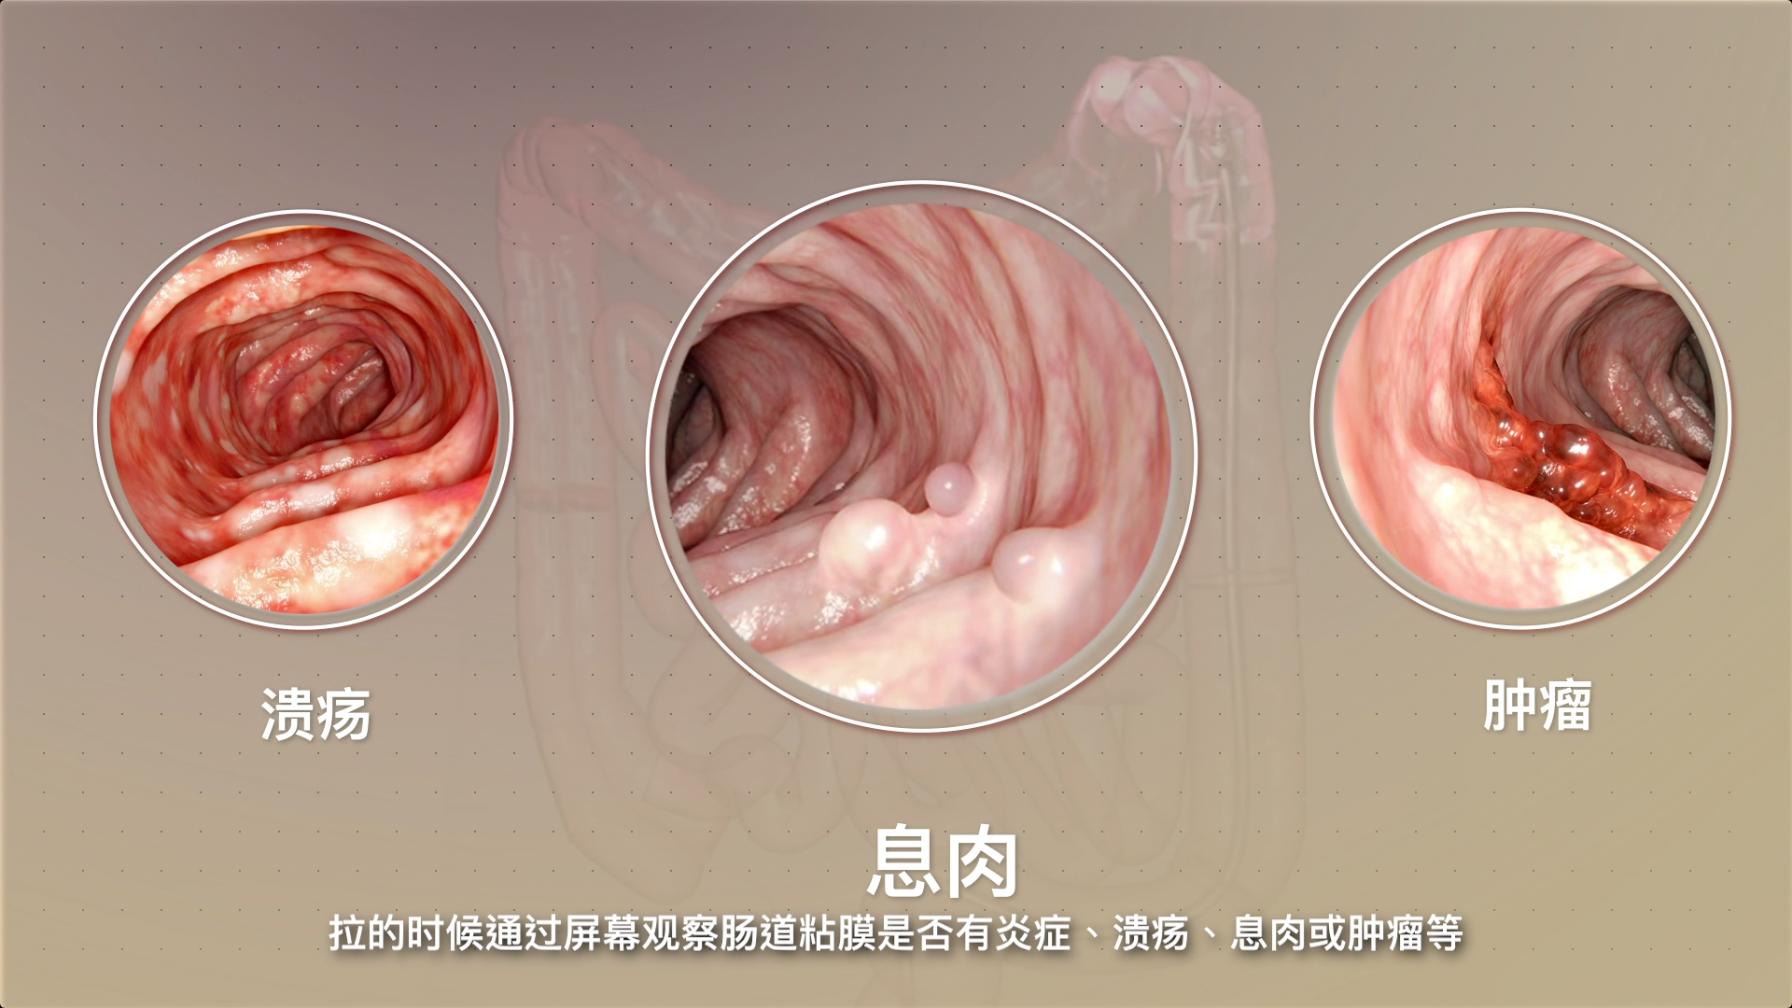 肠镜可以诊断肠道炎症、息肉、肿瘤等问题